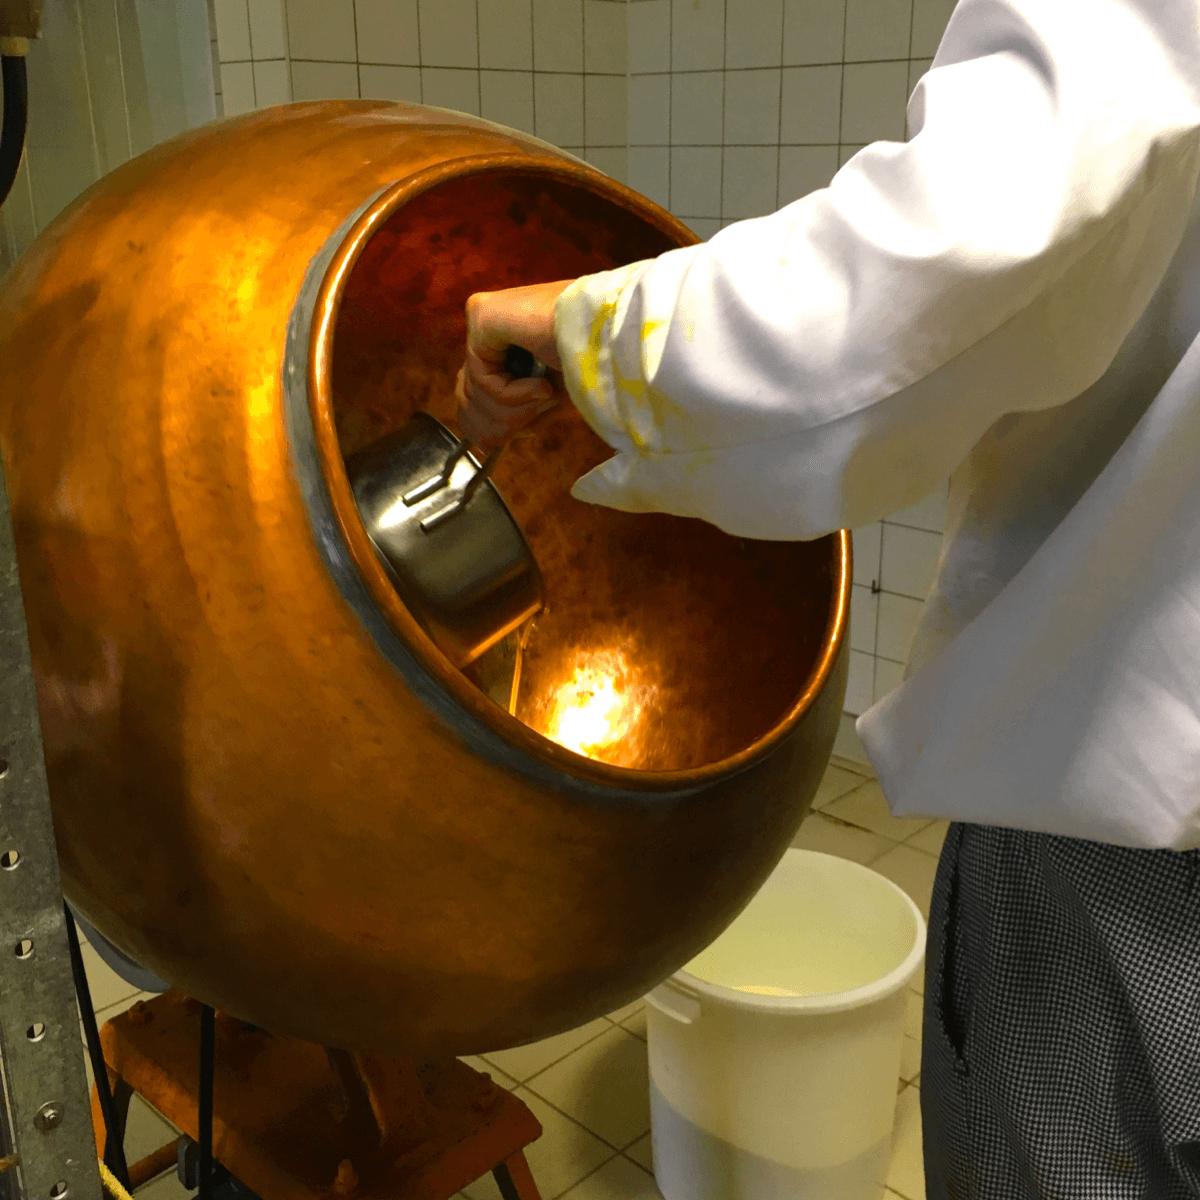 Frère Xavier pendant une autre étape de la fabrication des bonbons au miel de l'abbaye de Fleury - Divine Box